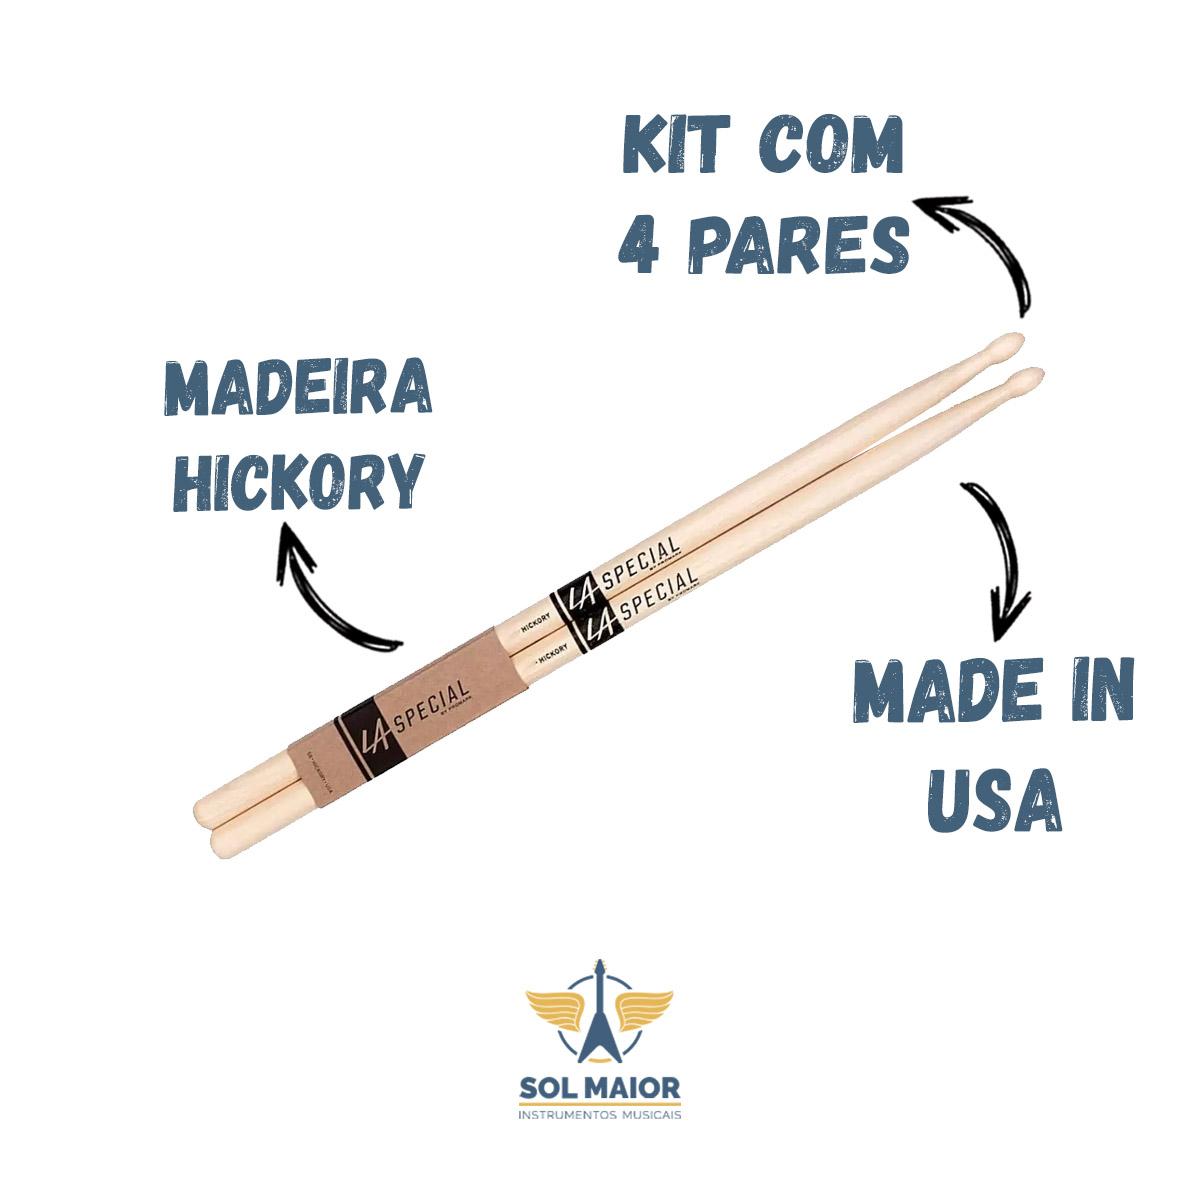 Baqueta Pro Mark La Special Hickory 5a Ponta Madeira 4 Pares